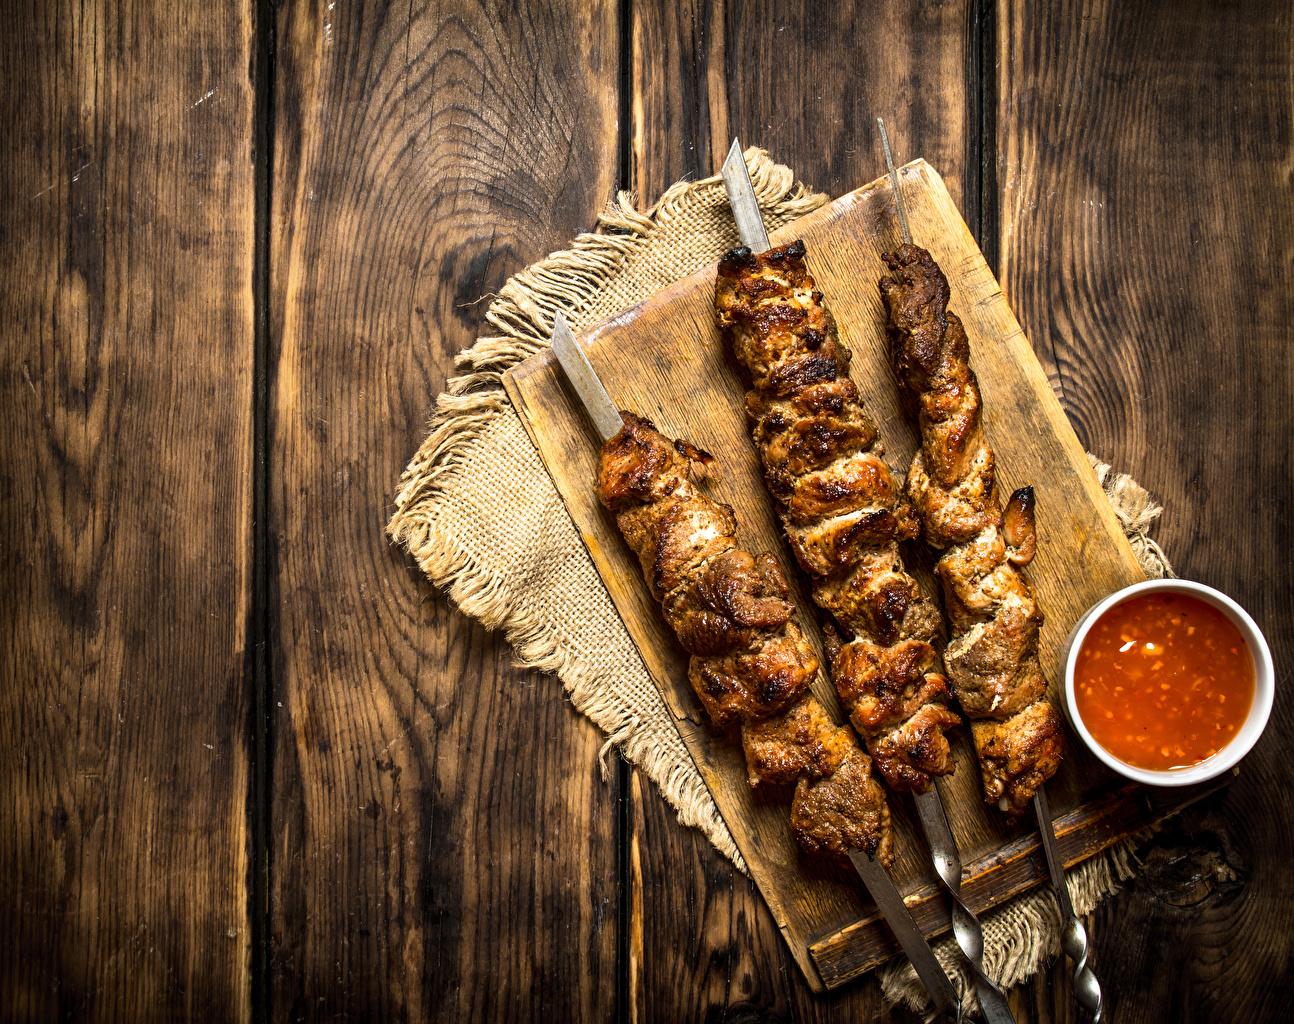 Картинка Шашлык Кетчуп Еда втроем Доски кетчупа кетчупом три Пища Трое 3 Продукты питания